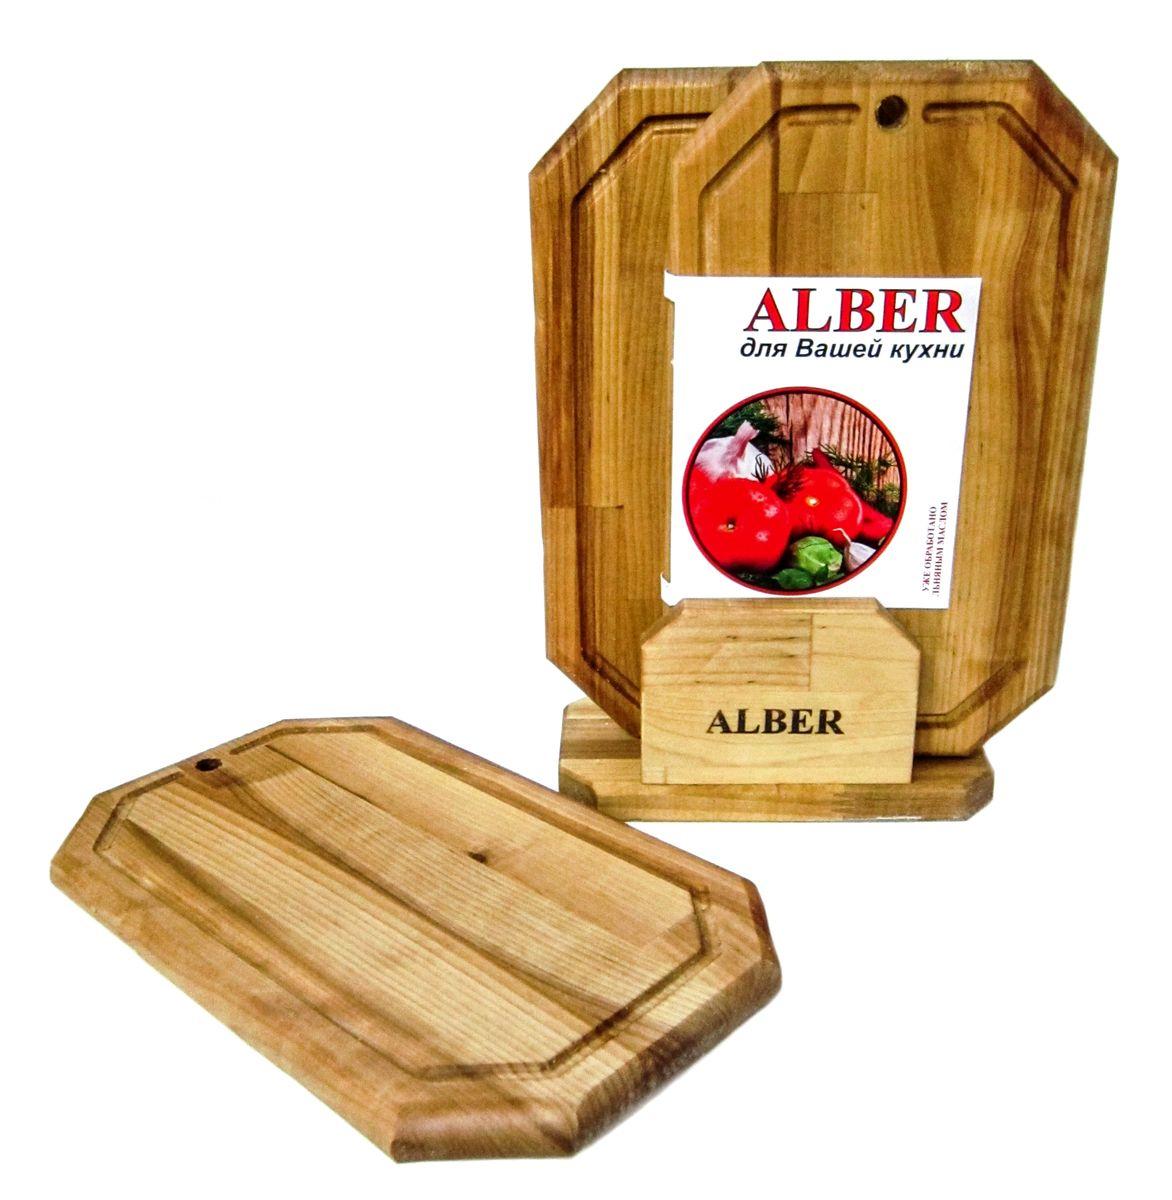 Набор досок разделочных малых Гайка в кассете (3 доски 300х180х18)0080050Прочные, гладкие, с естественной березовой текстурой, доски обработаны льняным маслом для предохранения от рассыхания. Изделия имеют индивидуальную пленочную упаковку и оригинальную гравировку - нельзя мыть деревянную доску в посудомоечной машине, а также оставлять надолго погруженной в воду; - после каждого использования нужно промыть доску мыльной водой, тщательно сполоснуть проточной водой и вытереть насухо; - хранить доски лучше в подвешенном состоянии или просто поставив вертикально; - новую сухую доску (если она не обработана) перед началом нужно смазать маслом; масло должно быть безопасным и устойчивым к порче при комнатной температуре (оптимальный вариант - льняное масло, в отличие от подсолнечного или оливкового, которые со временем портятся); повторять эту процедуру необходимо в среднем раз в месяц - по мере высыхания масла; - заменять разделочную доску на кухне рекомендуется 1 раз в год.